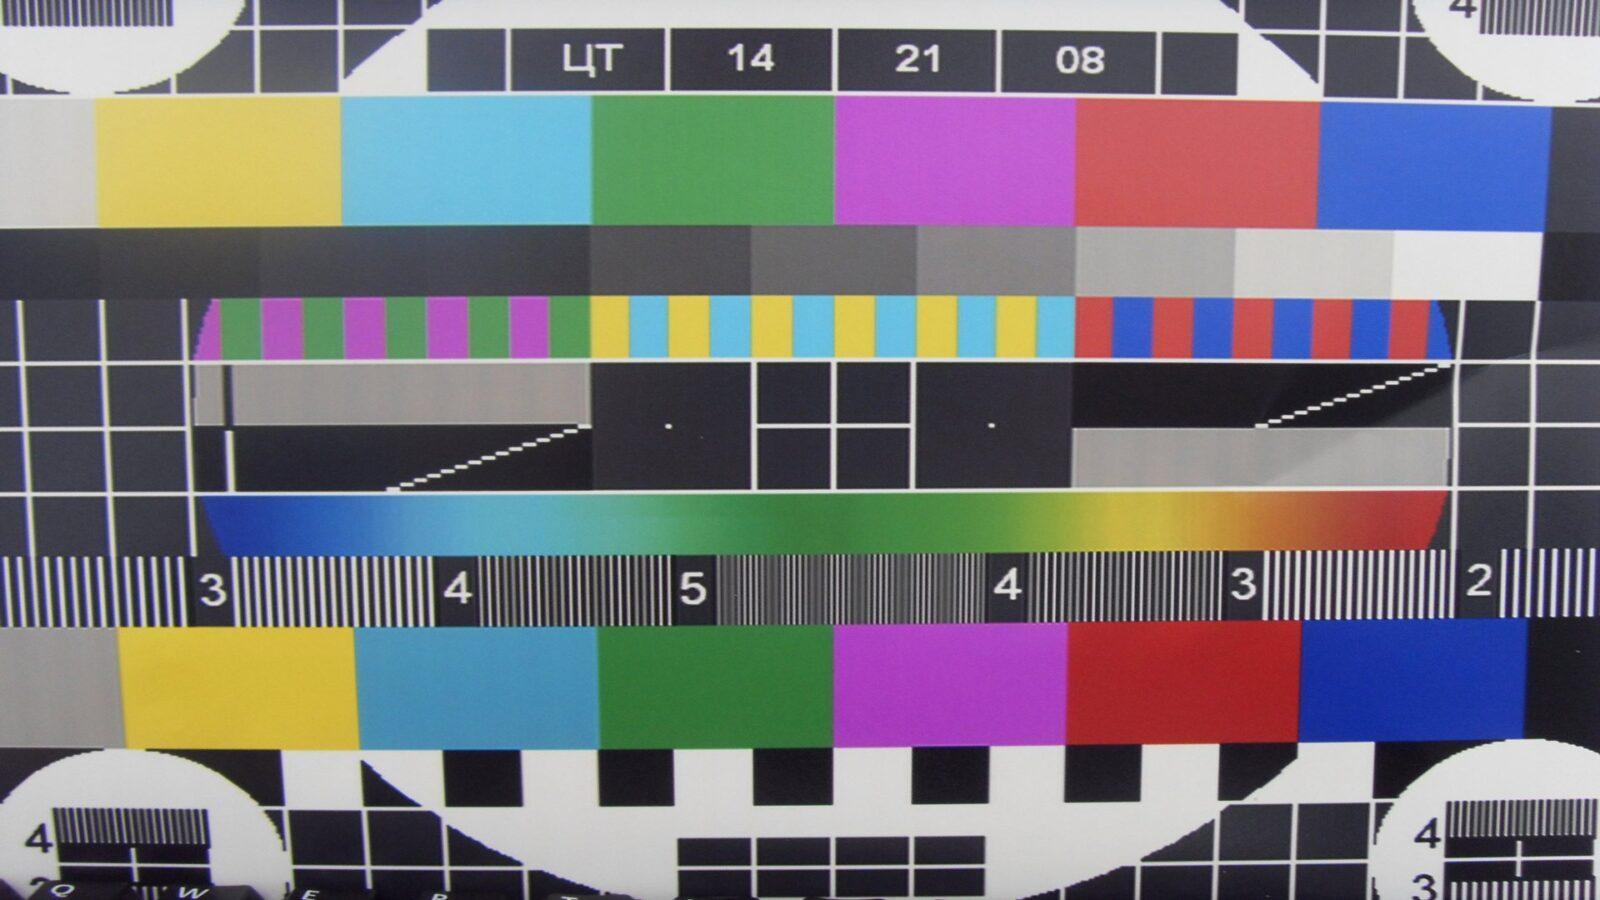 Телеканал NTT может вернуться в эфир под новым названием - «Севимли»